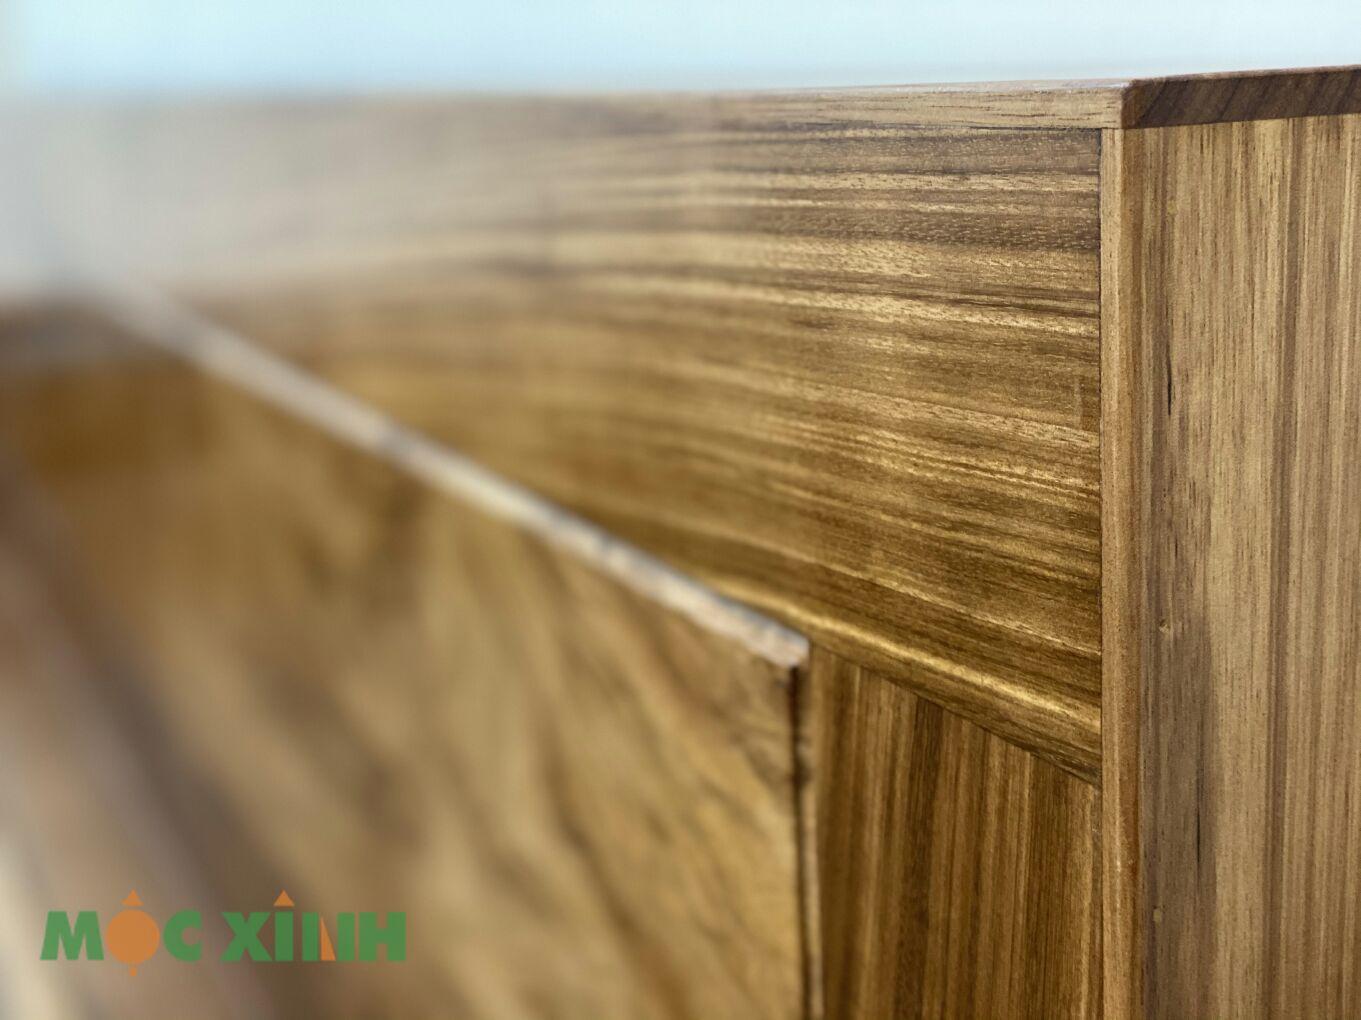 Vân gỗ trải dài và sắc nét